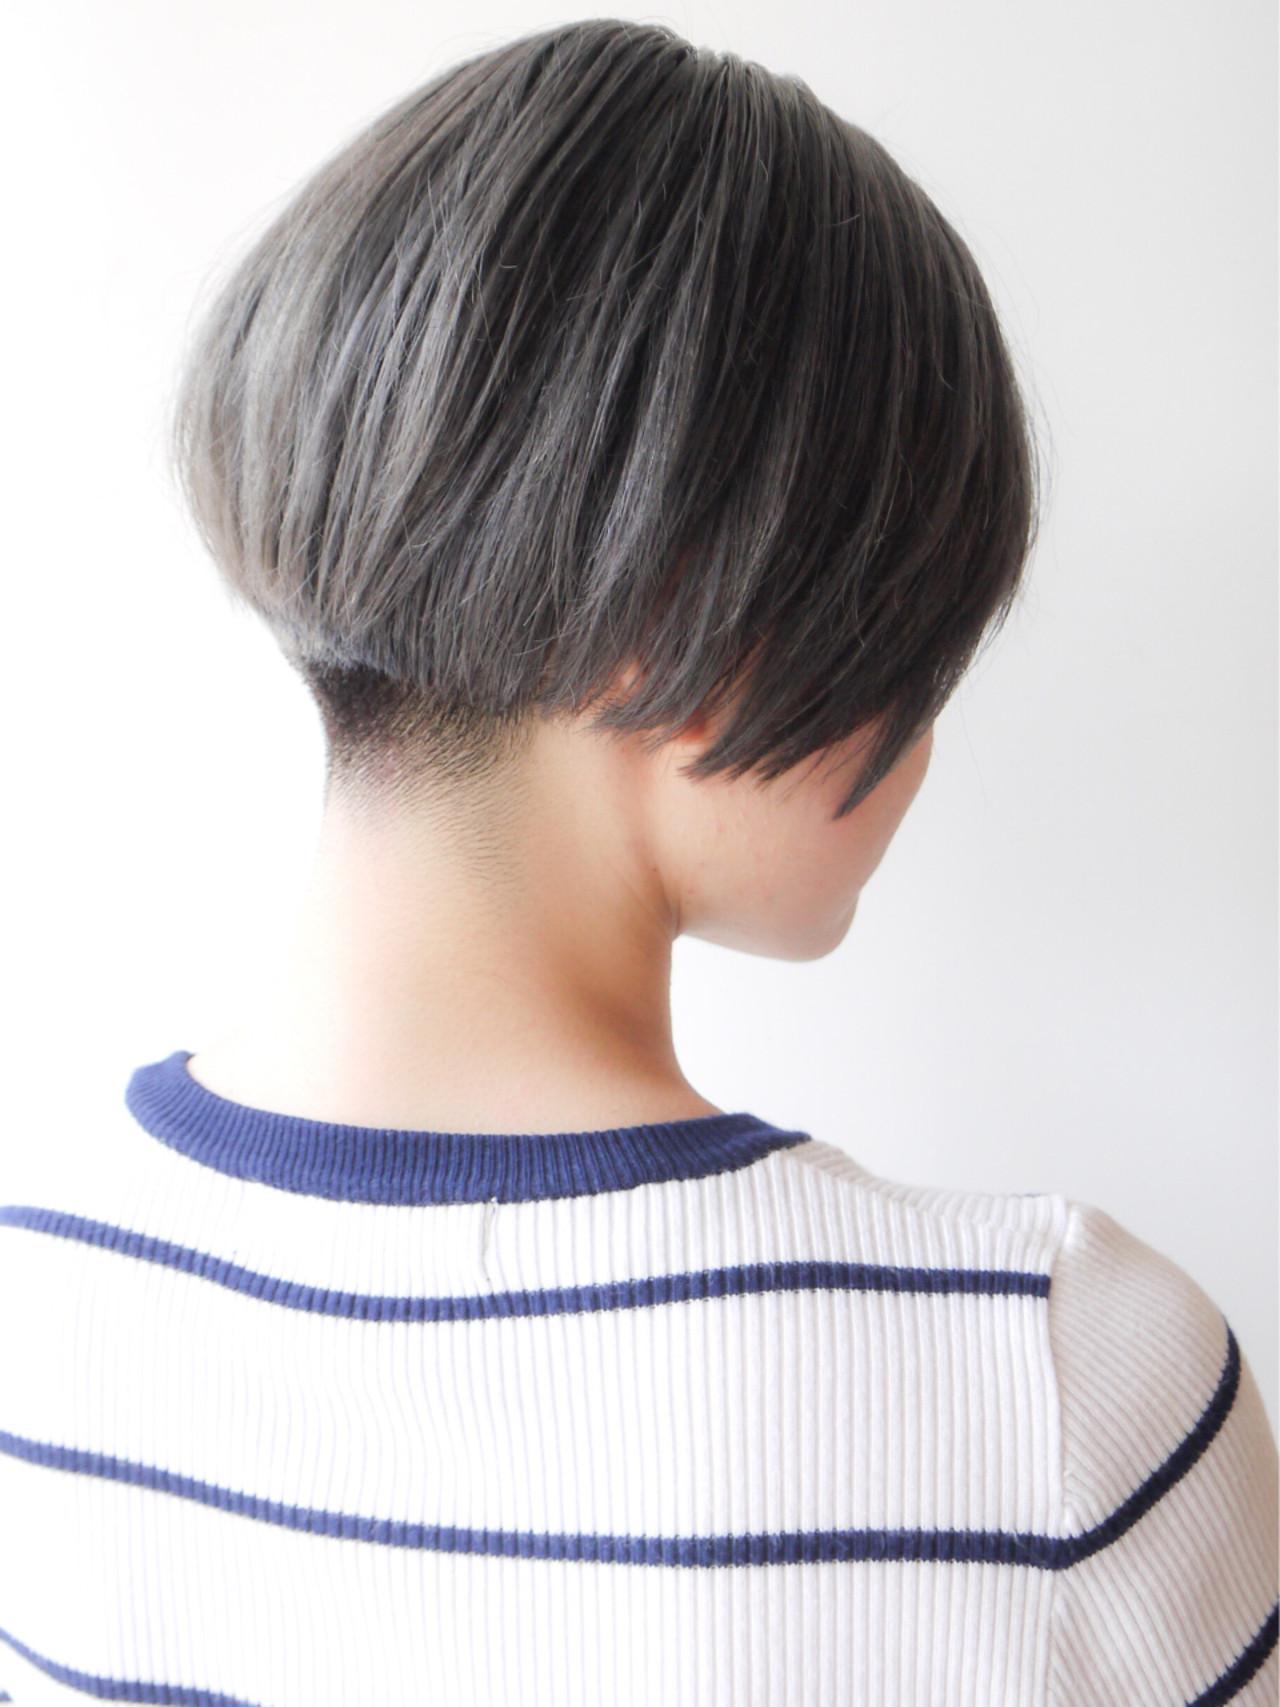 モード ショート 刈り上げ 大人かわいい ヘアスタイルや髪型の写真・画像 | HIROKI / roijir / roijir